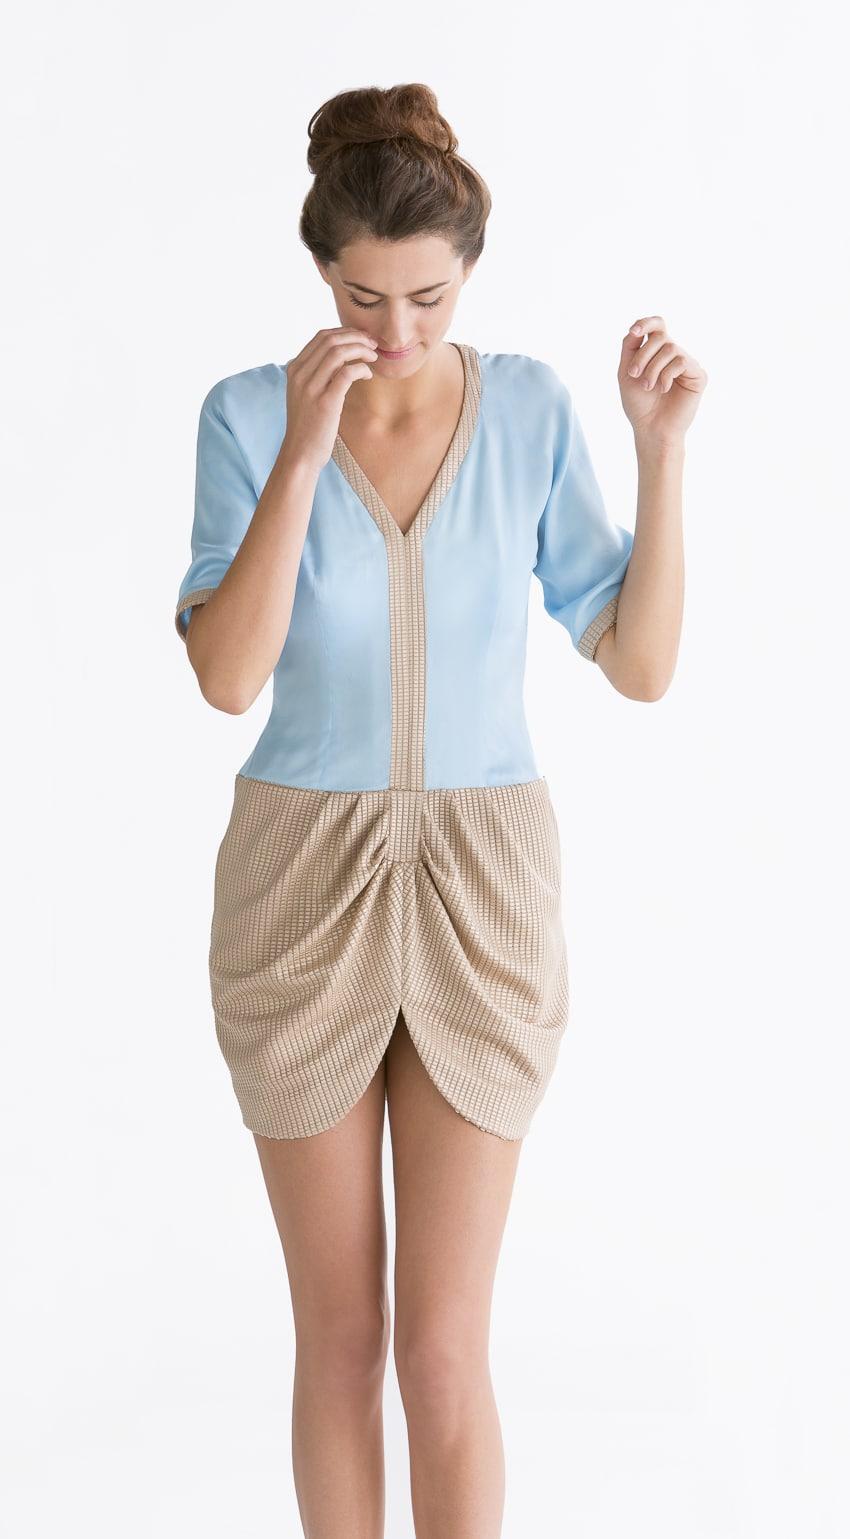 photo mode pour catalogue professionnel vêtement